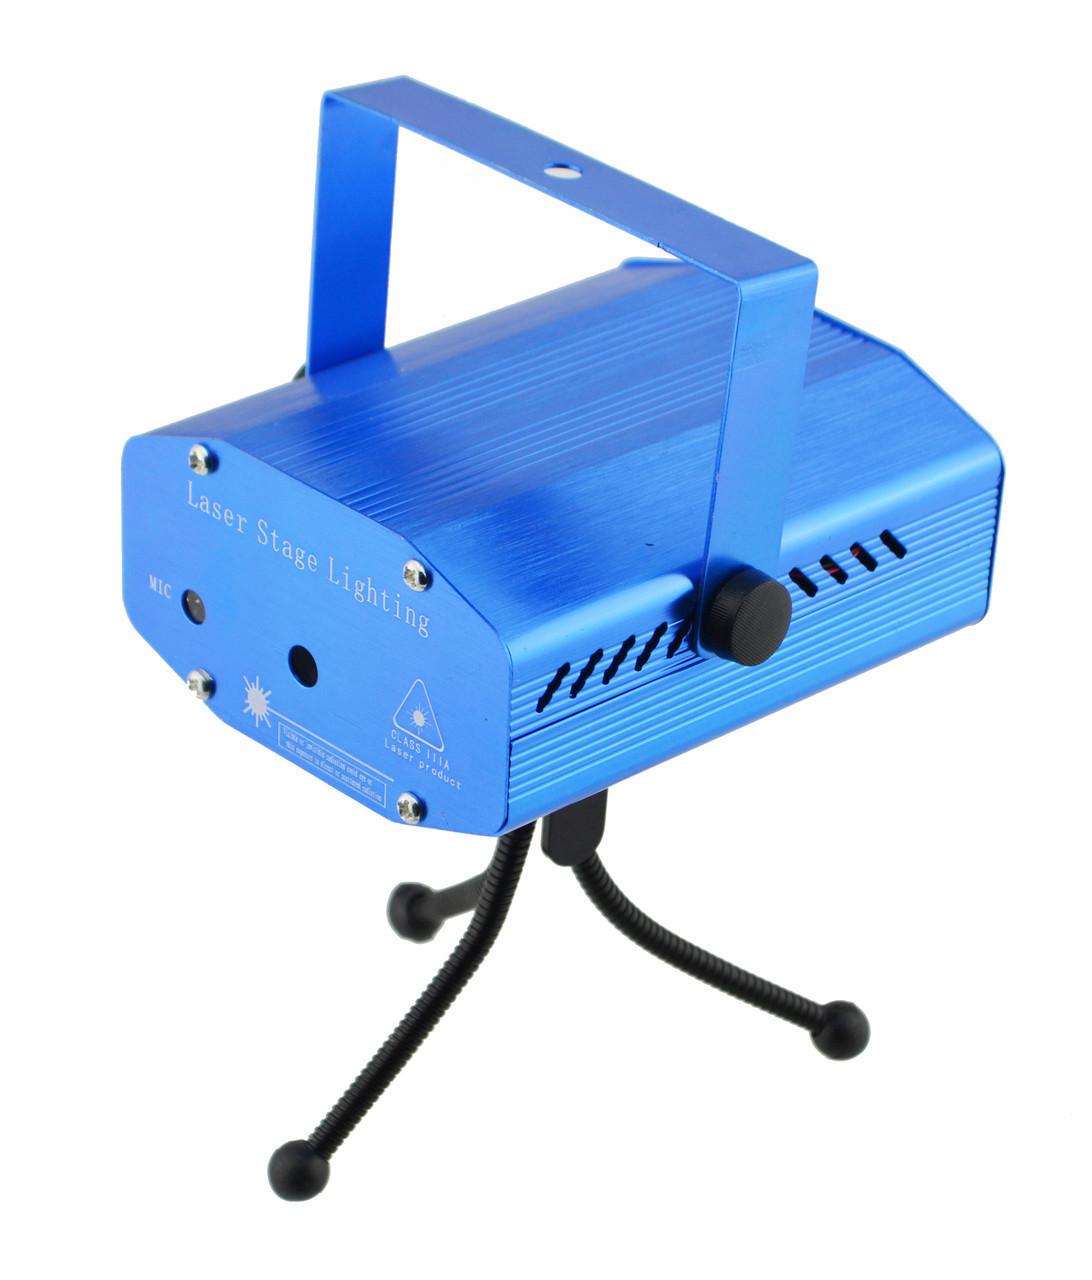 Лазерный проектор Mini Laser Stage Lighting точки